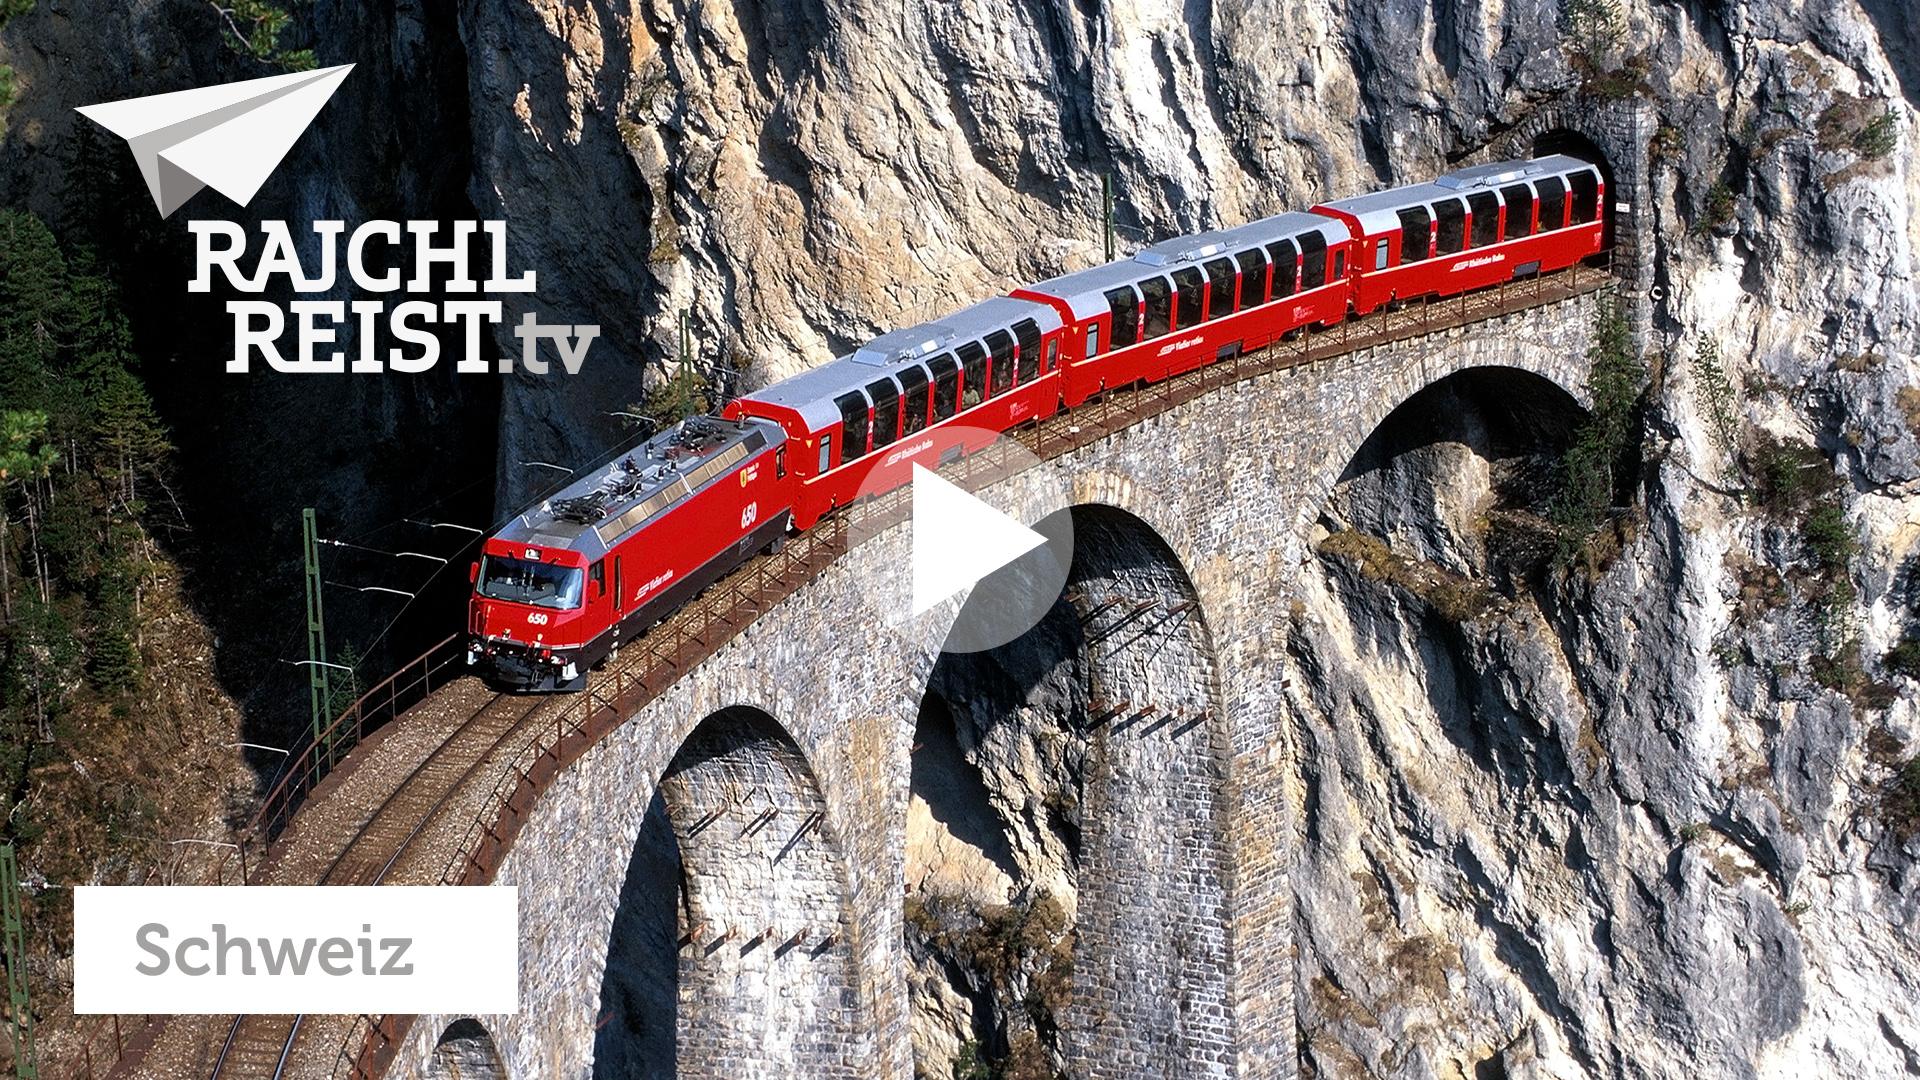 Schweiz: Mit dem langsamsten Schnellzug zum Matterhorn